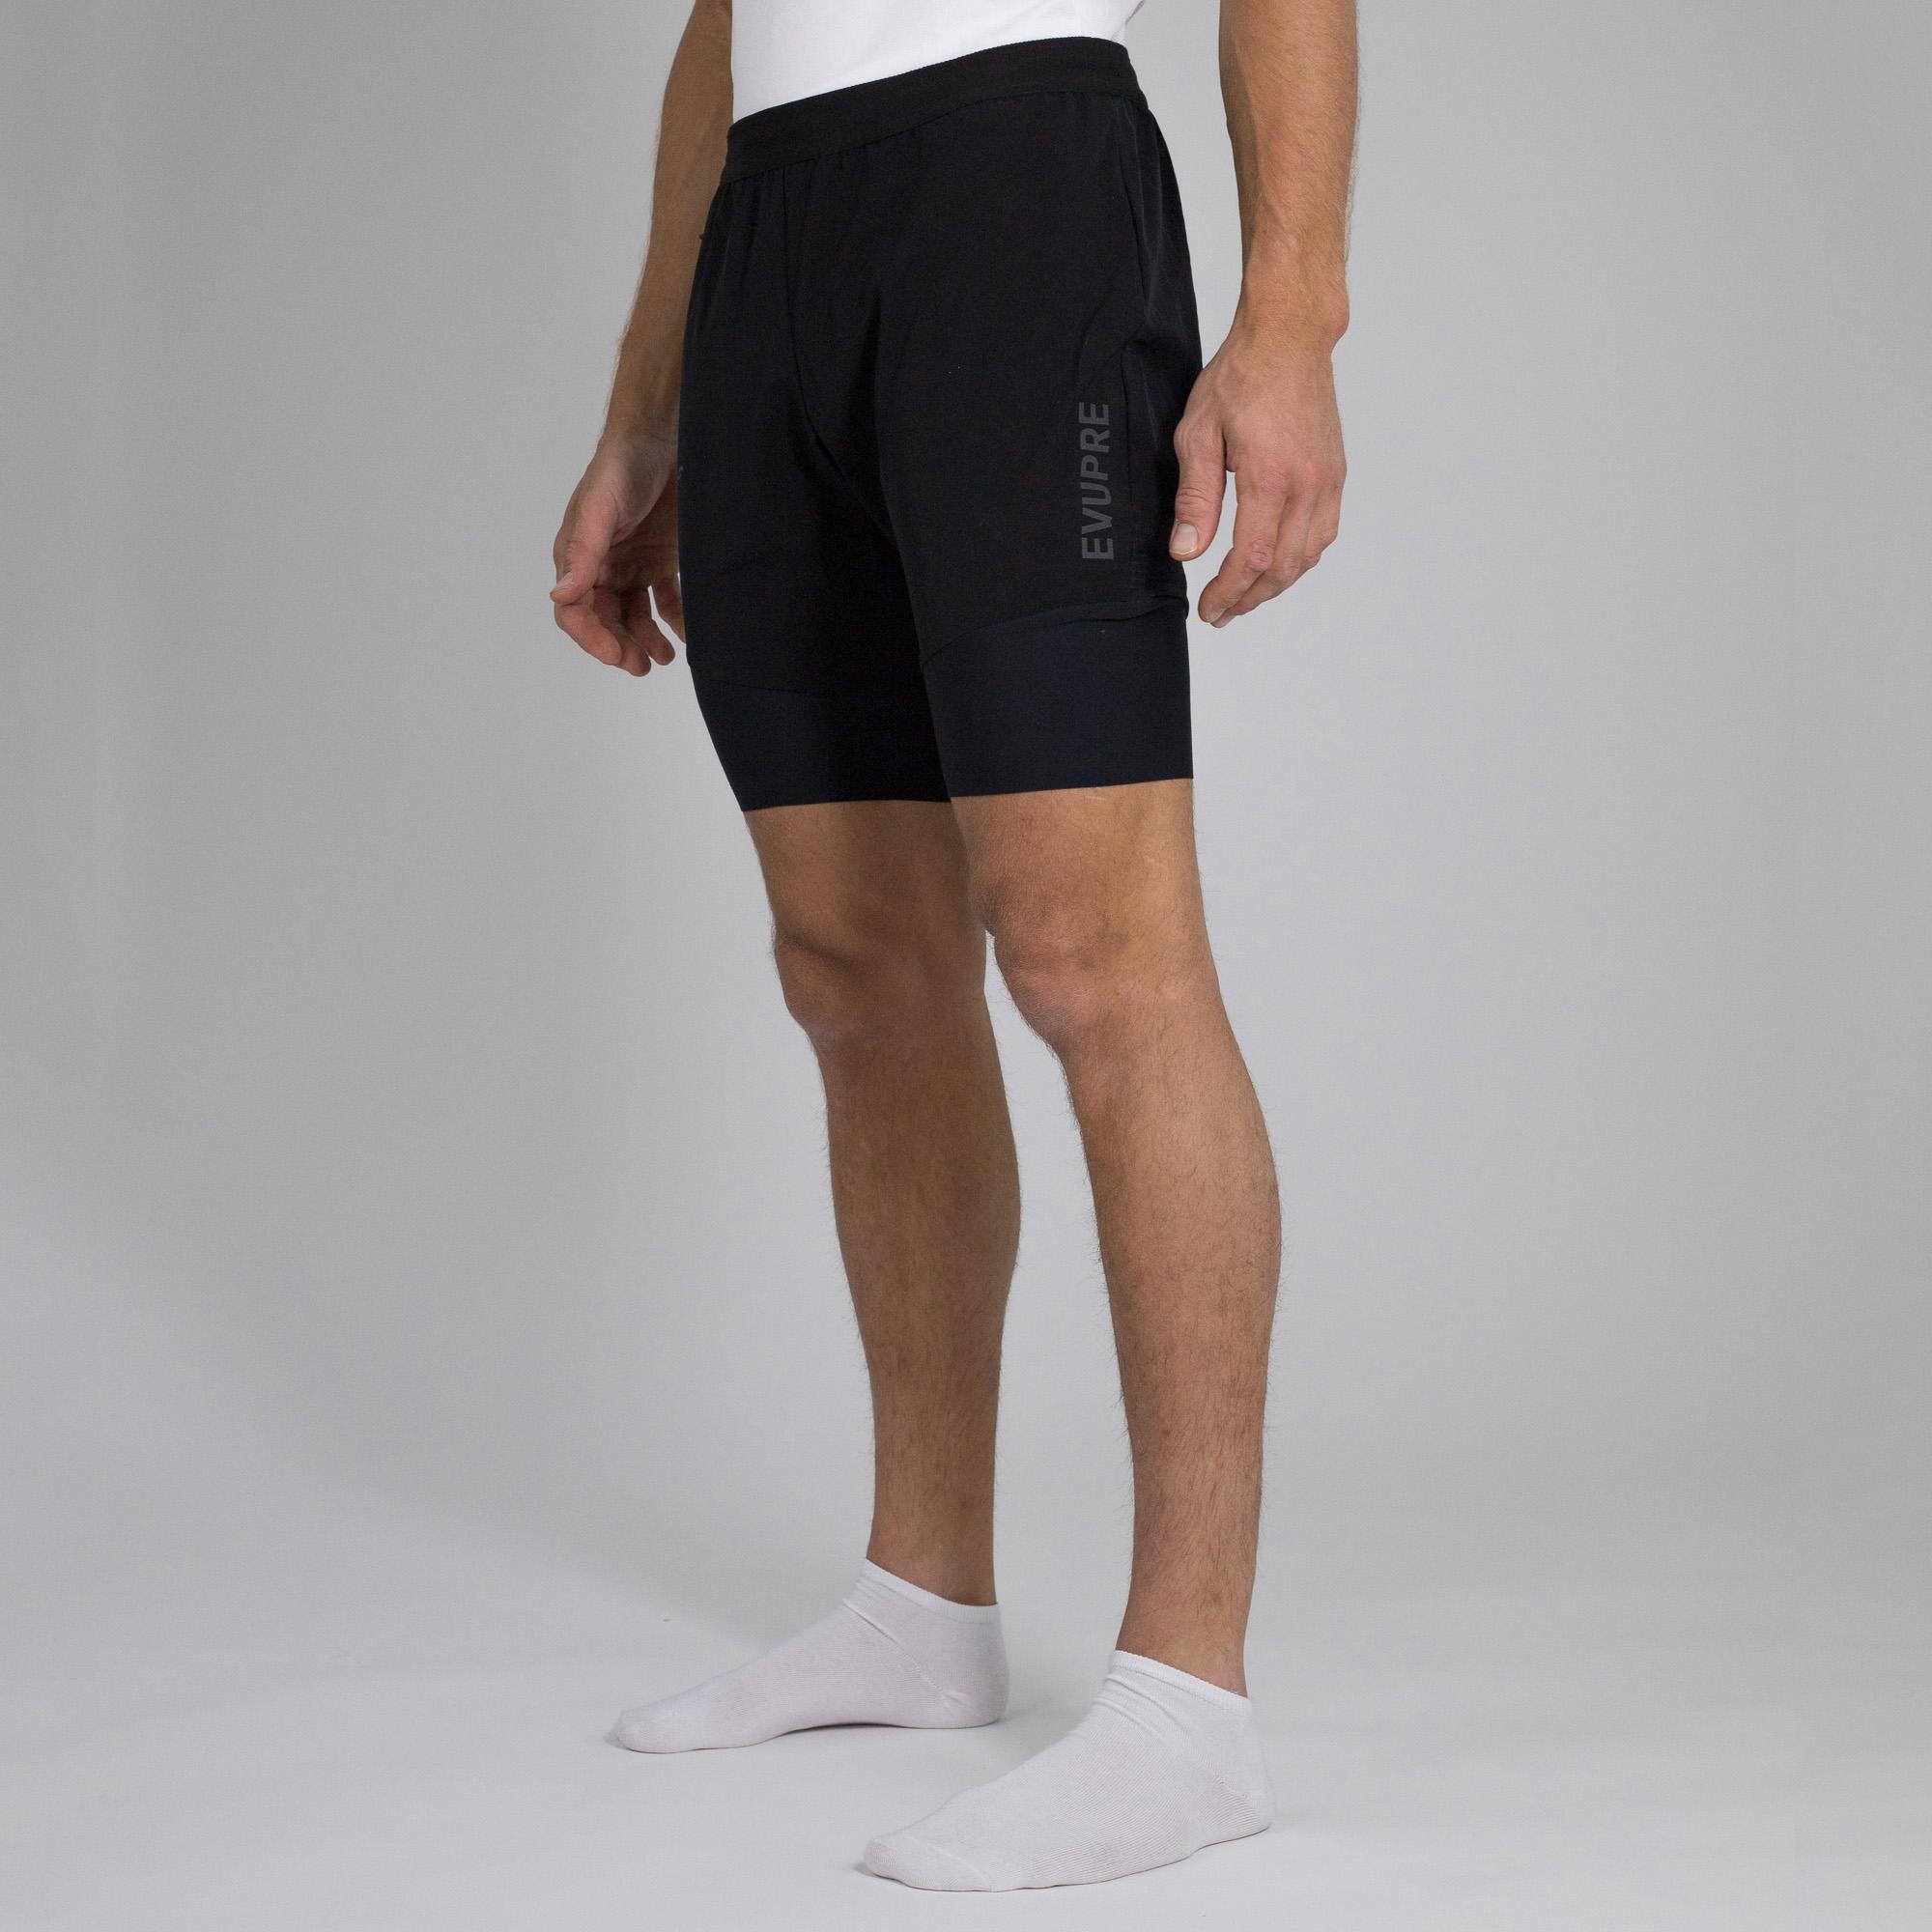 shorts-men-frontquarter